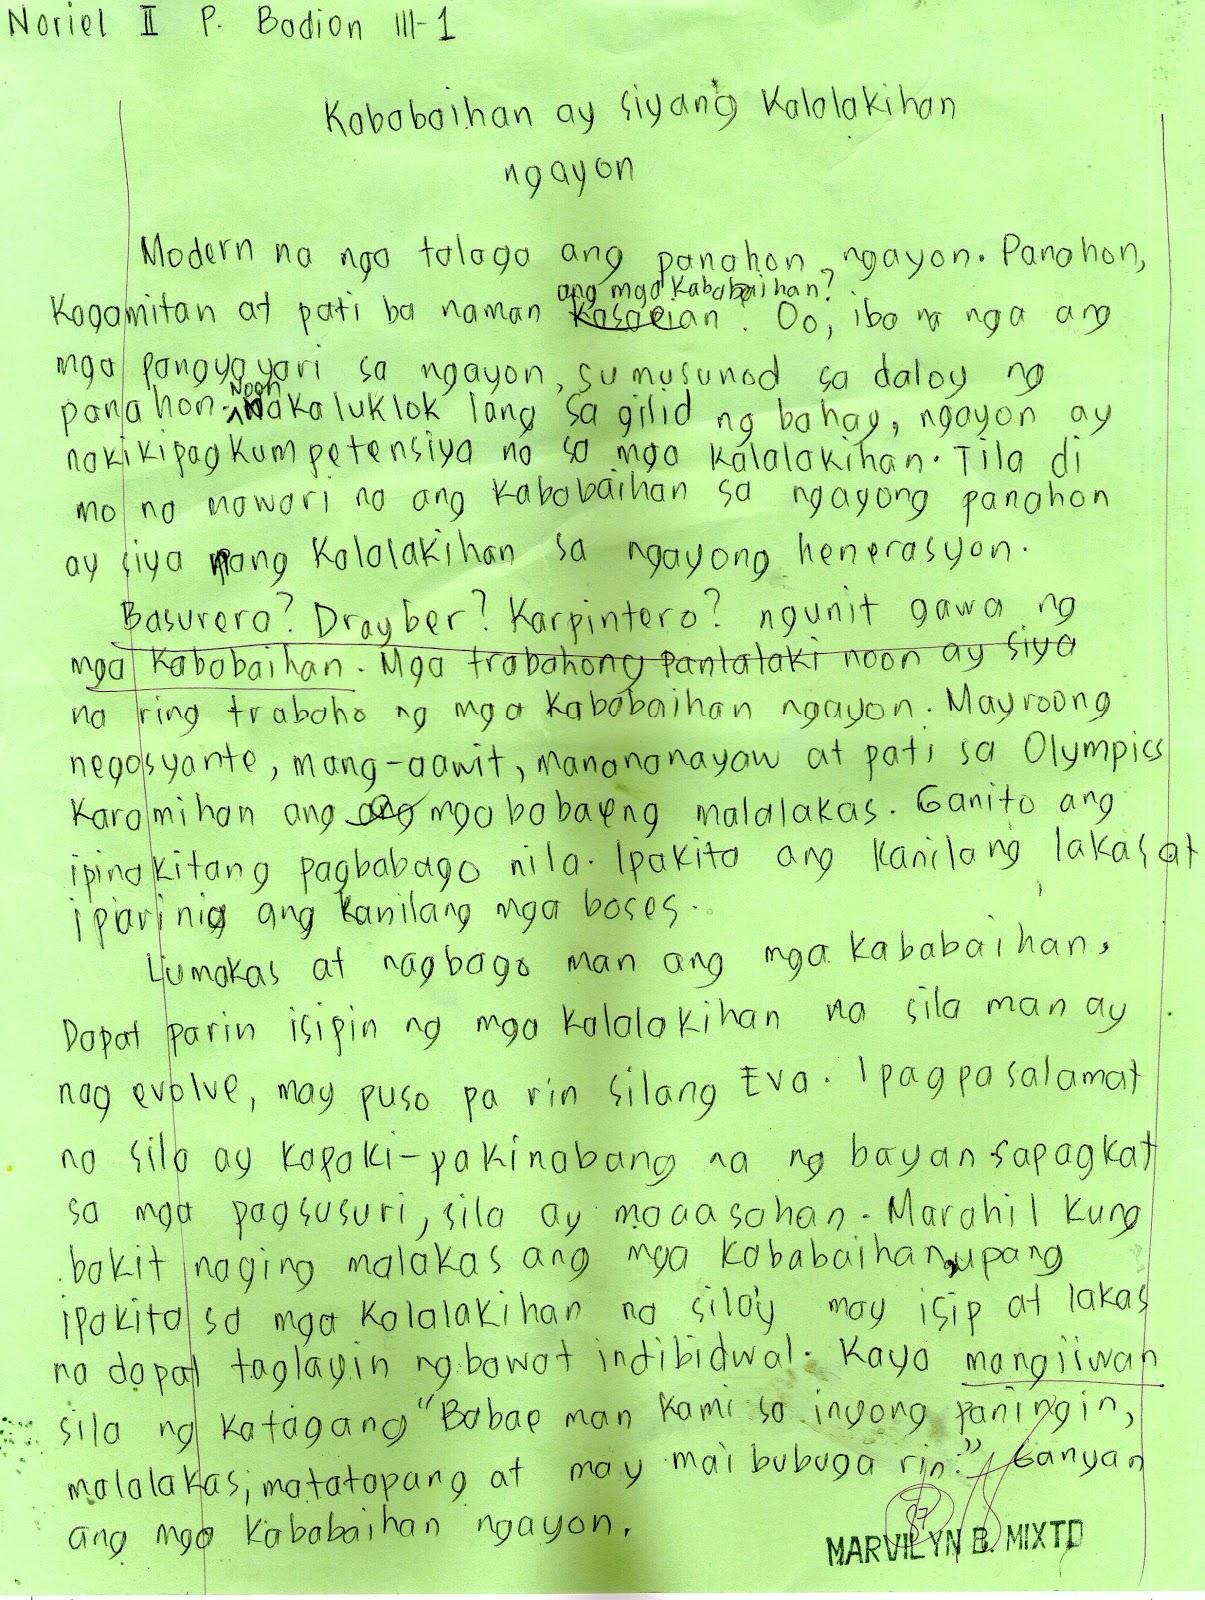 Ang mga pangarap ko sa buhay essay about myself